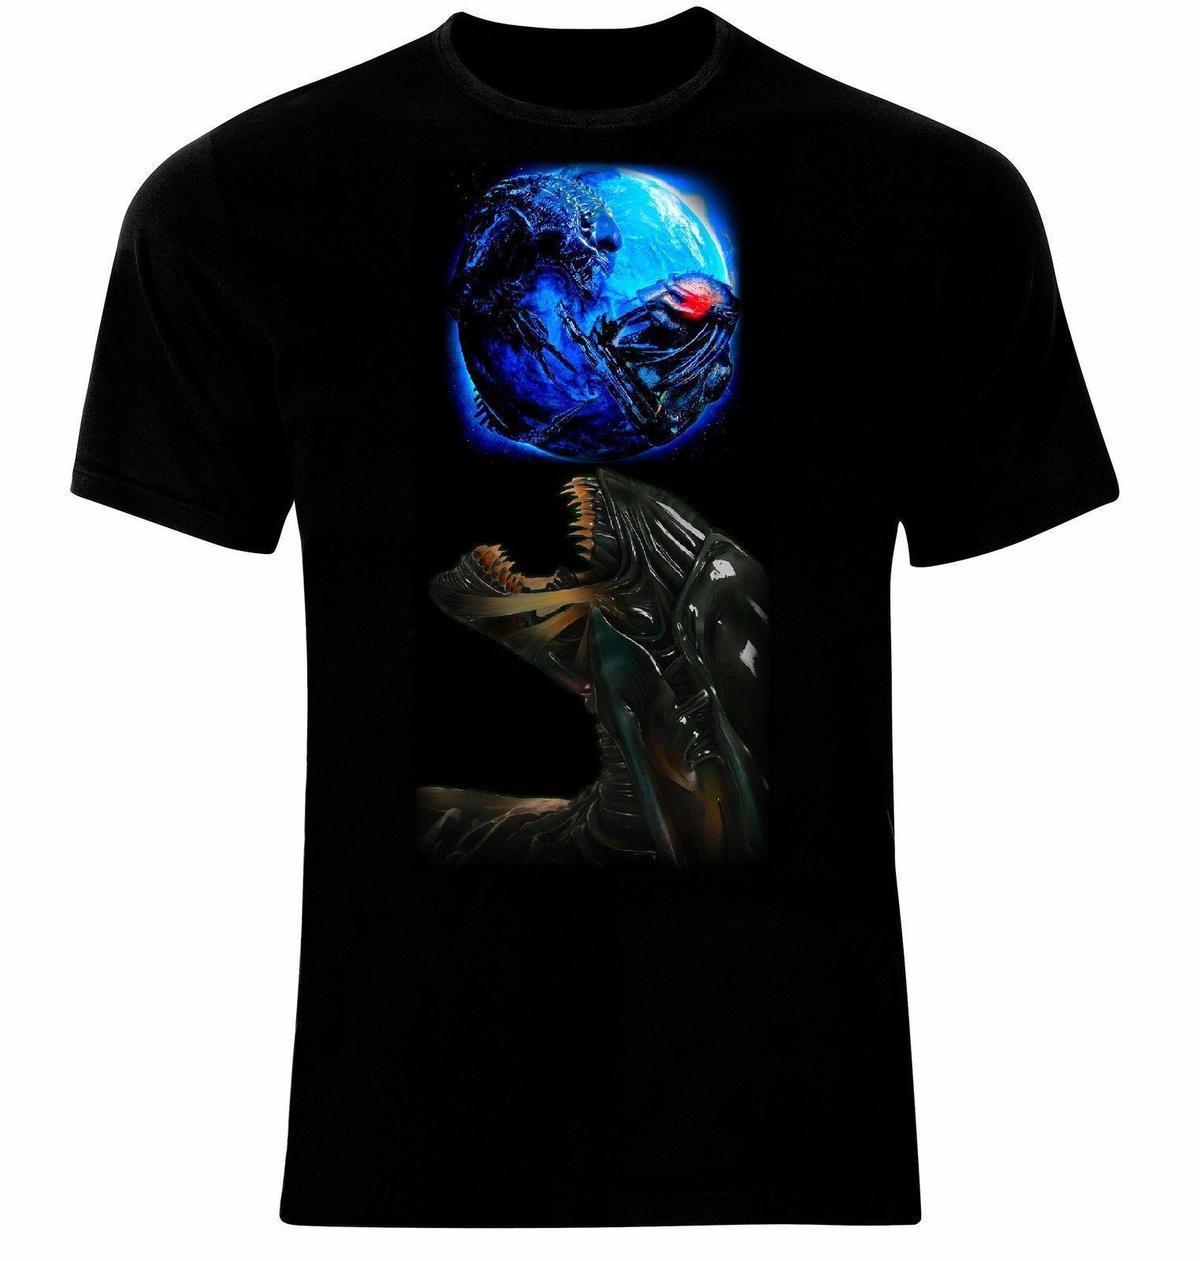 0e851e889 Compre Alien Vs Predator AVP Männer Impresso T Shirt De Lijian083, $12.08 |  Pt.Dhgate.Com